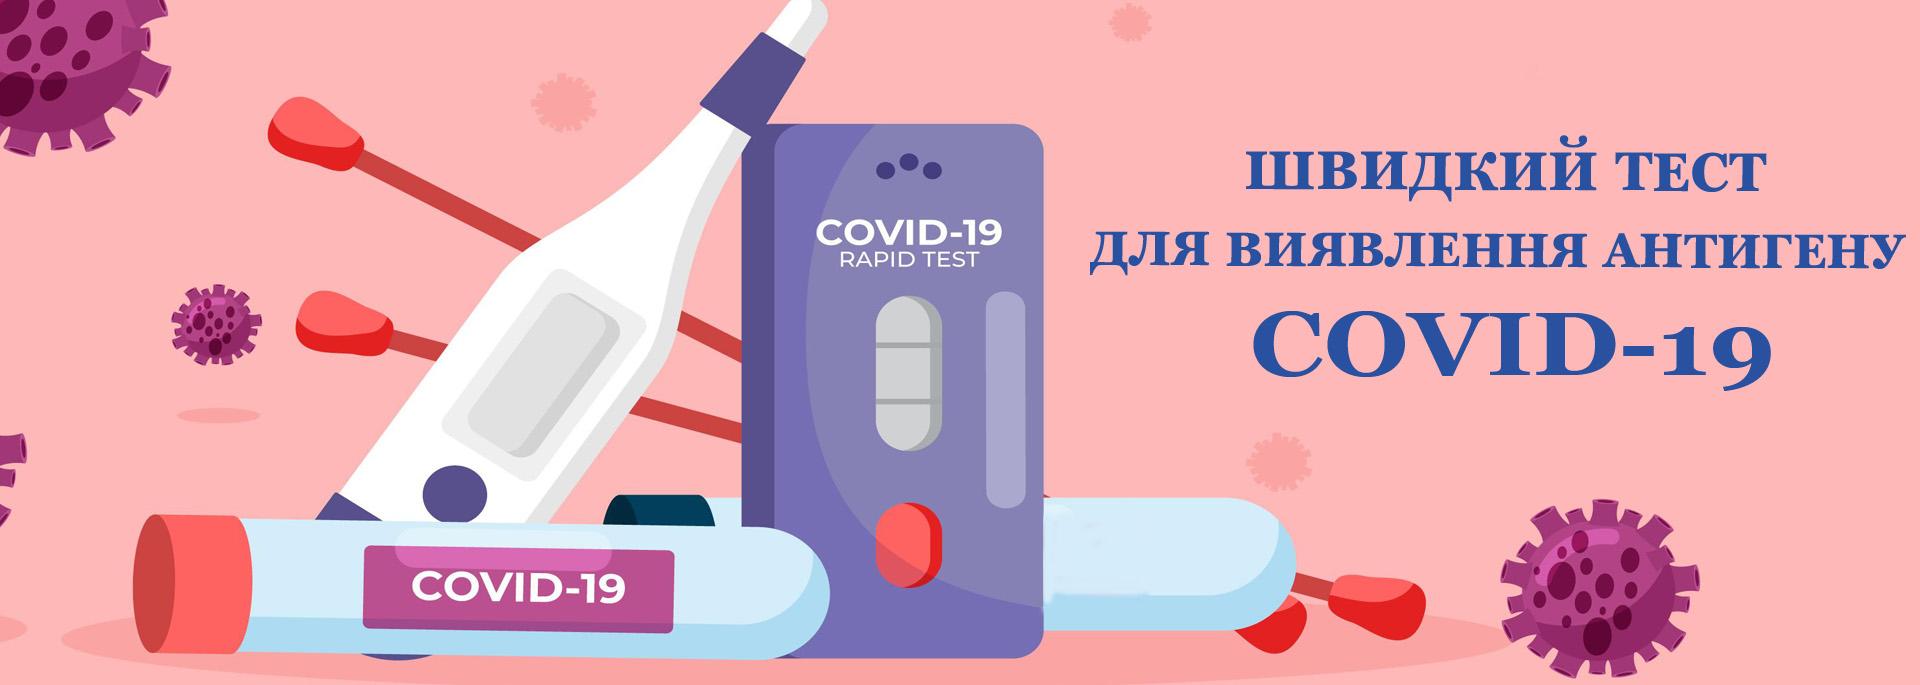 Швидкий тест на антиген до коронавірусу Covid-19 (SARS-CoV-2)